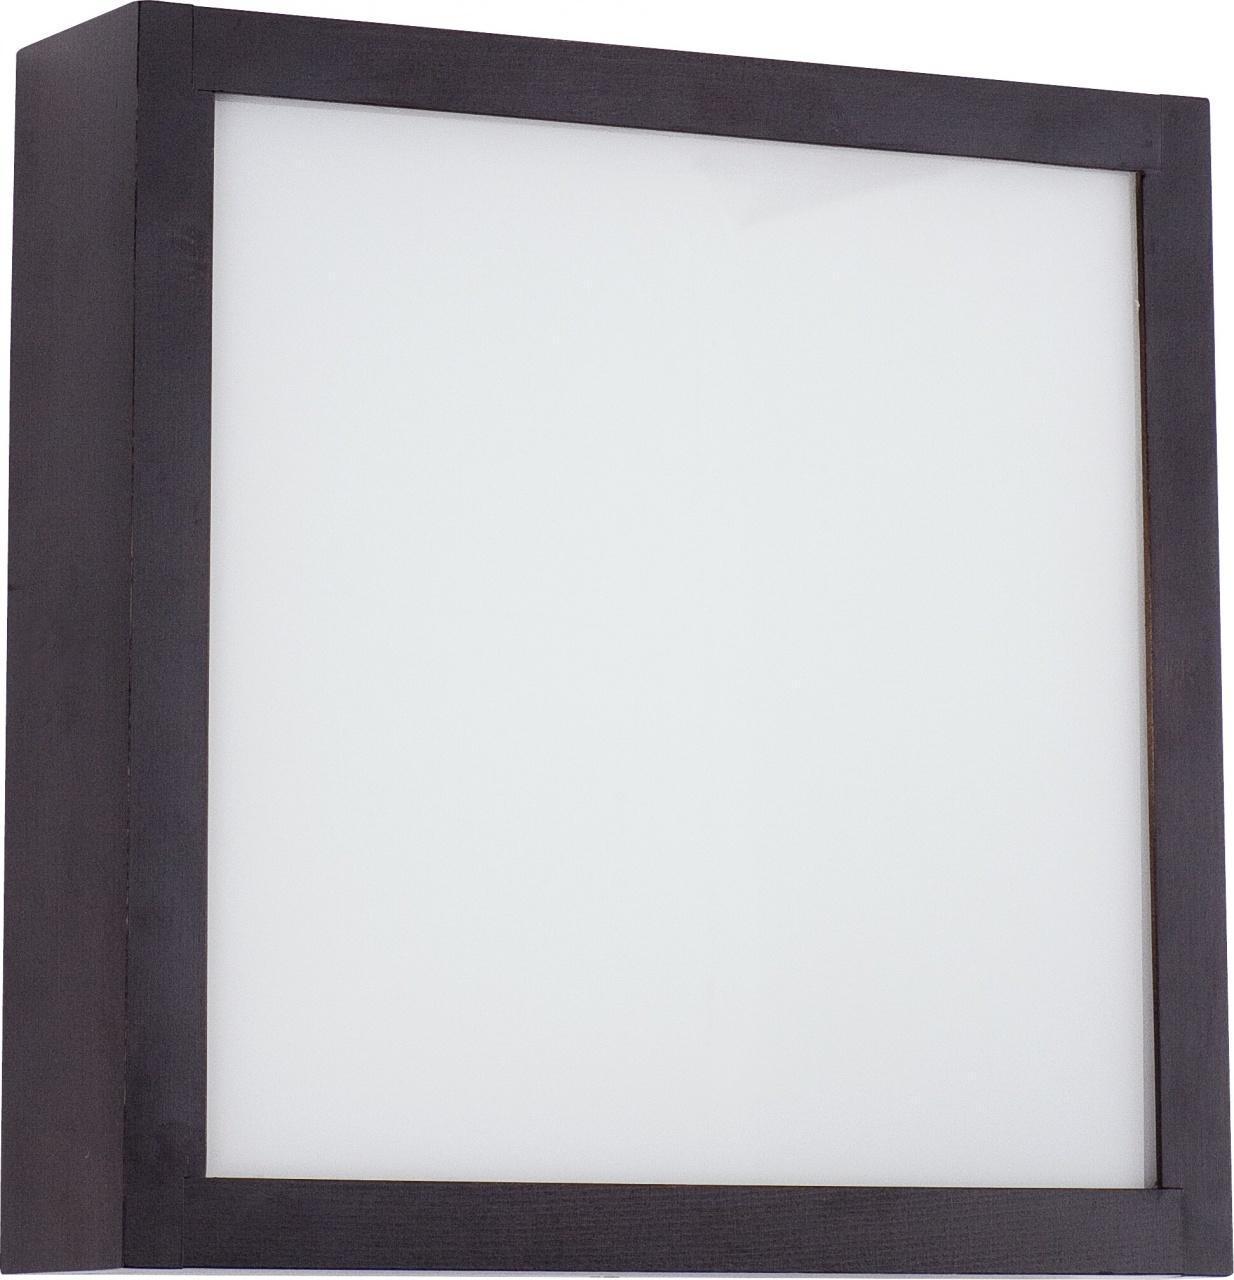 Настенно-потолочный светильник Nowodvorski Nagano 4290 настенно потолочный светильник nowodvorski jasmine 5625 jasmine 1